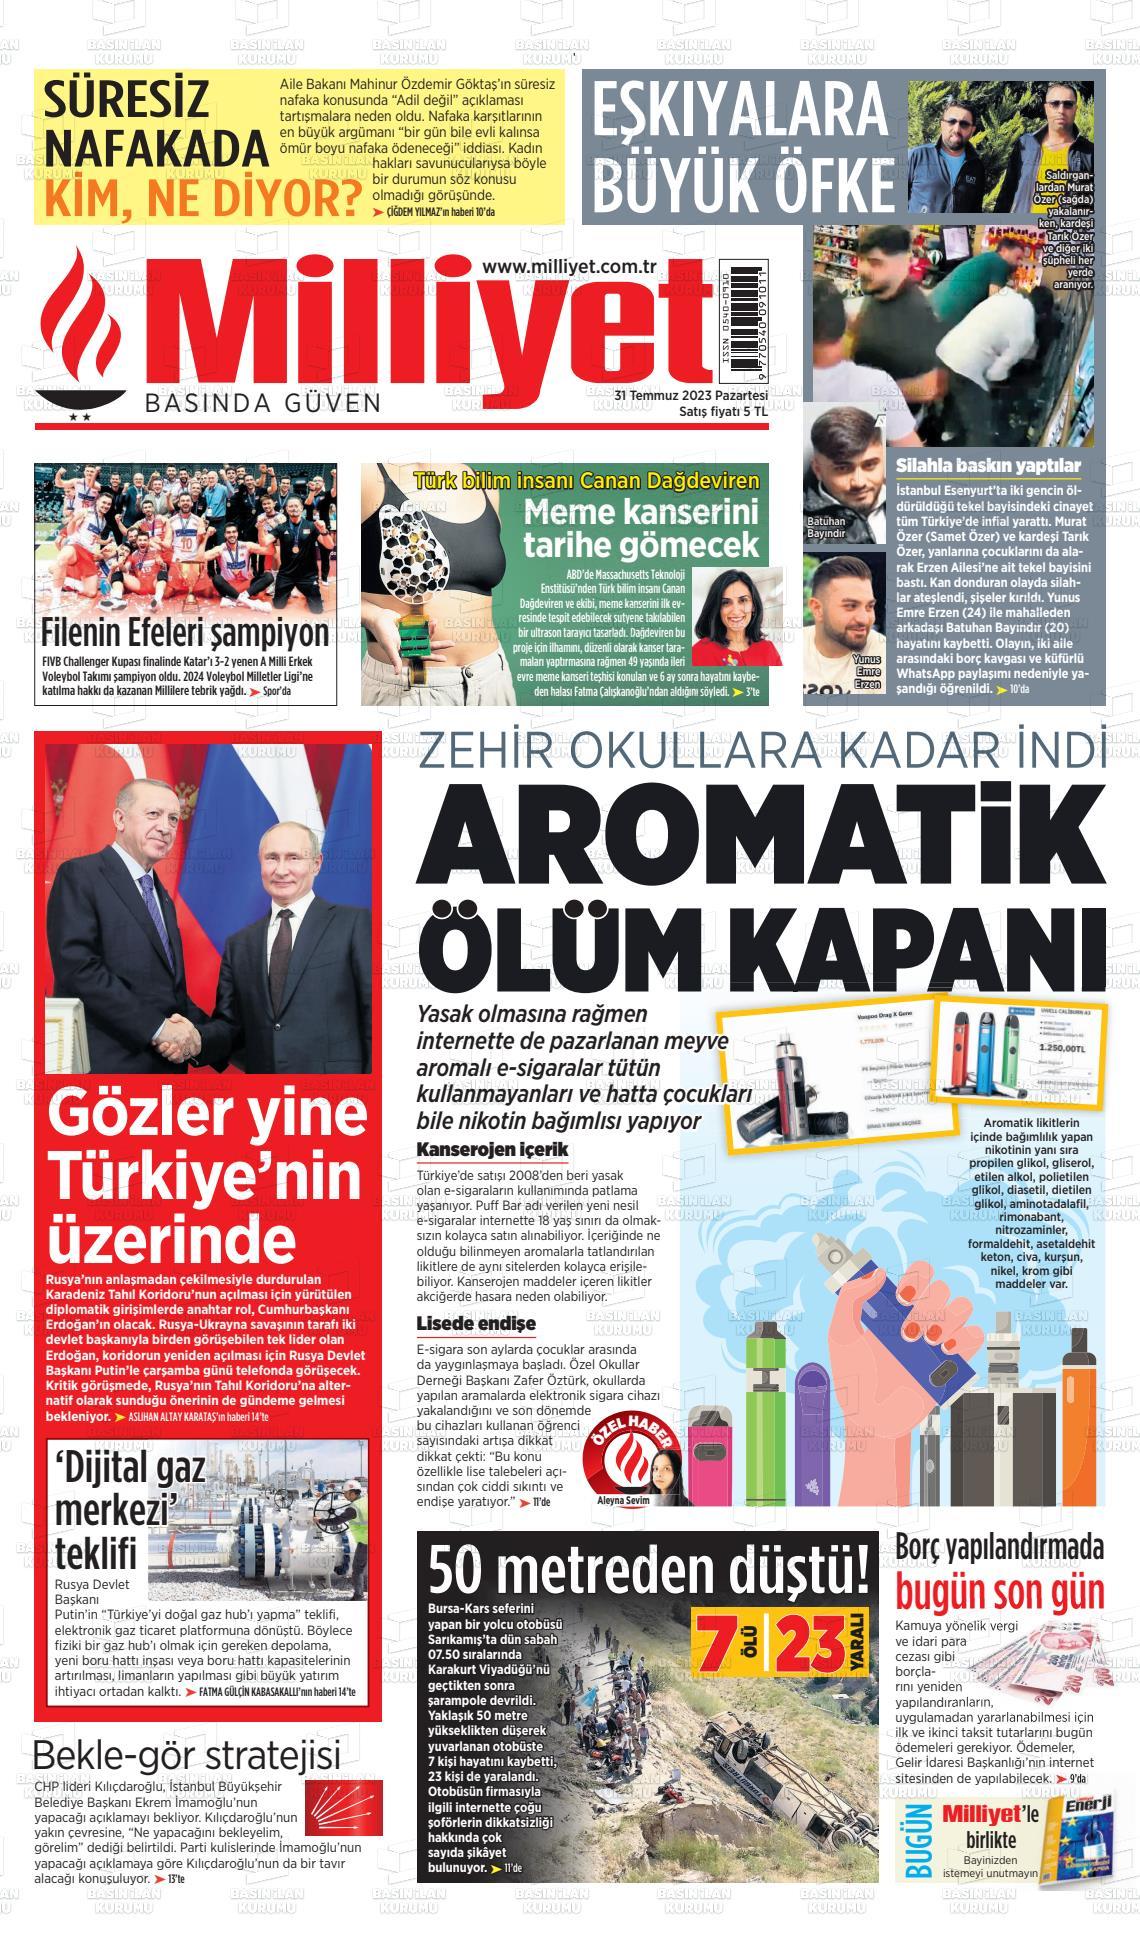 12 Ağustos 2020, Çarşamba milliyet Gazetesi